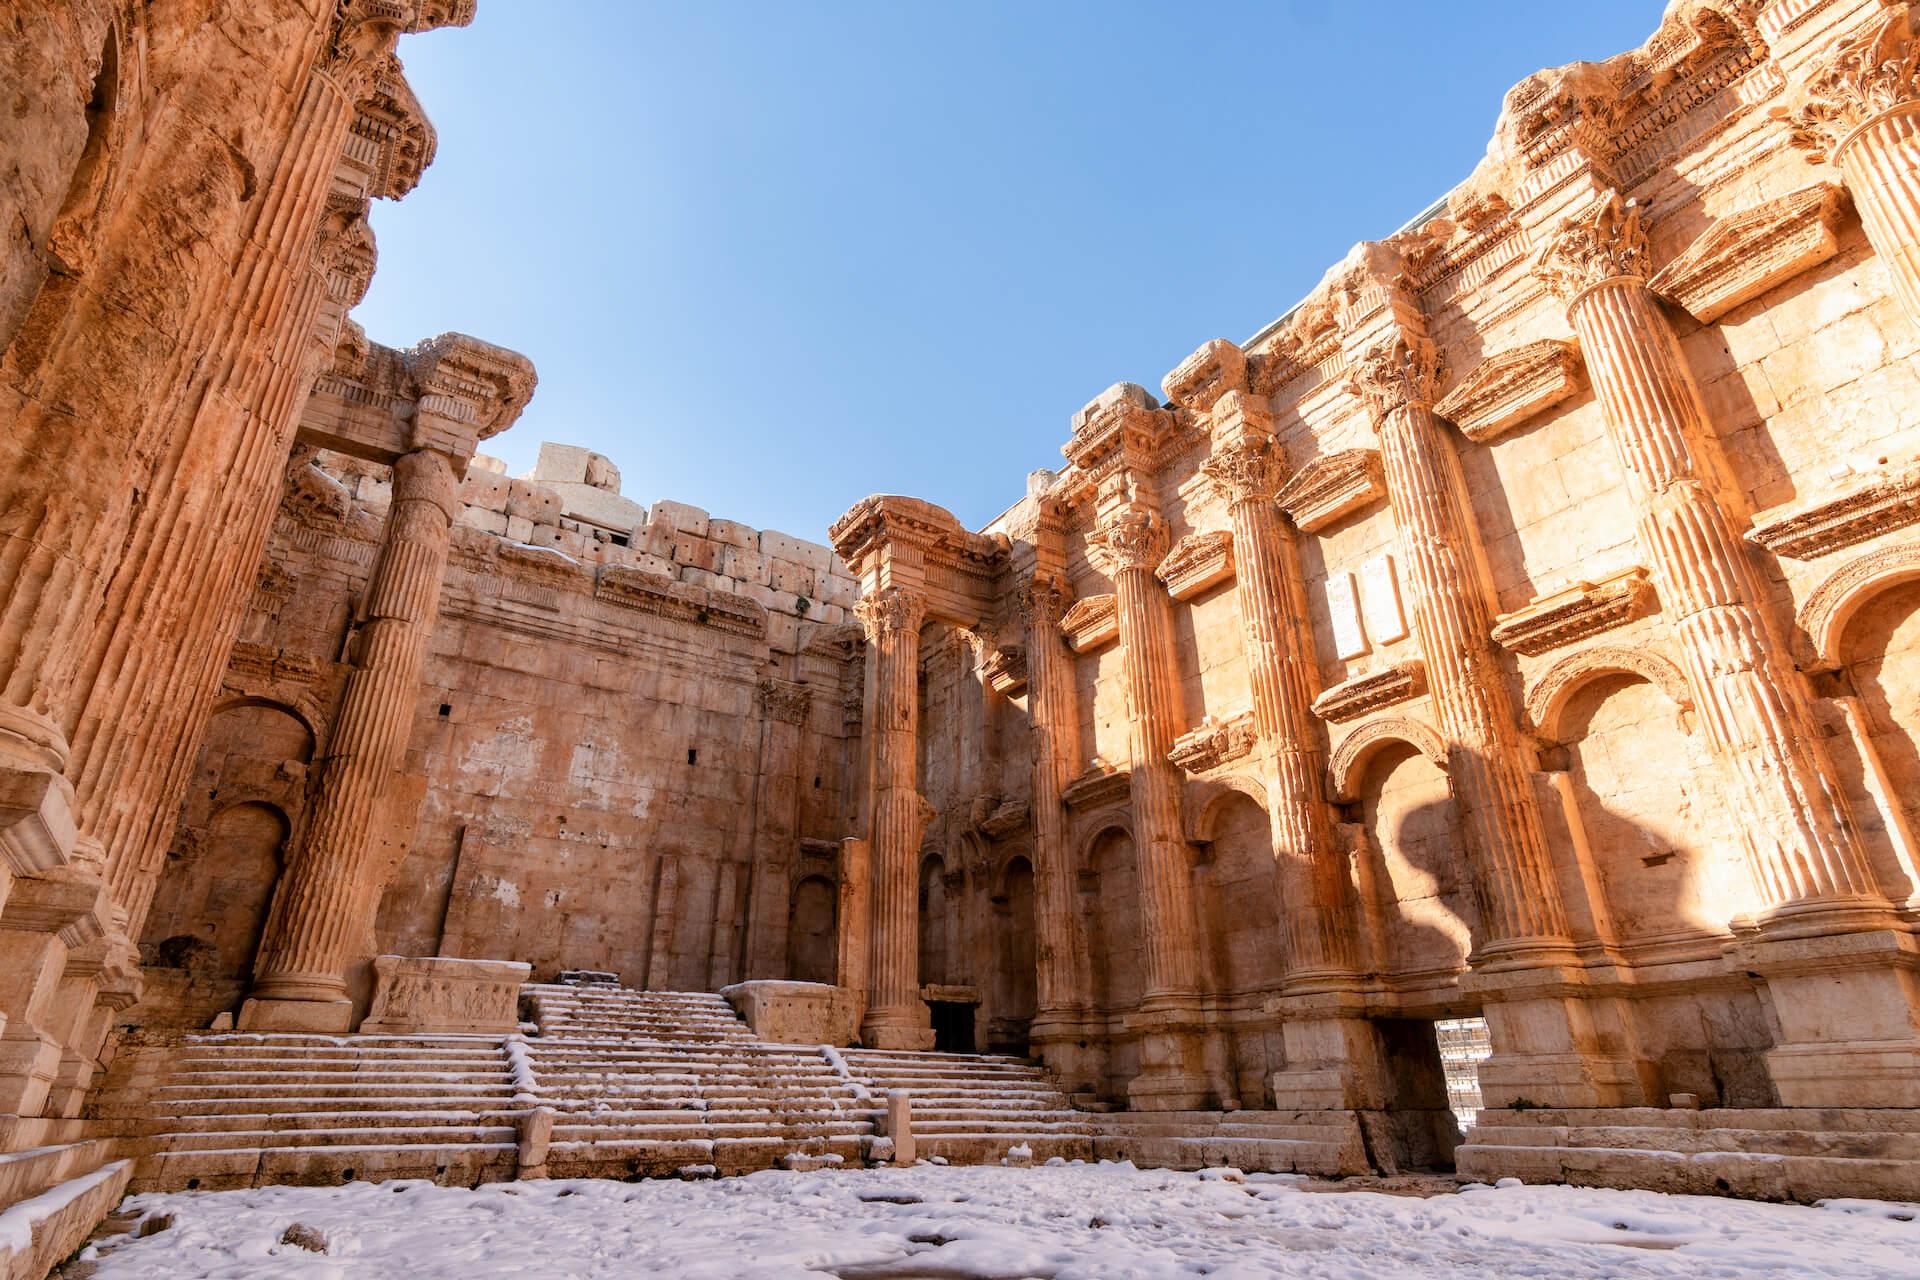 Binnenkant van de Tempel van Bacchus in Baalbek